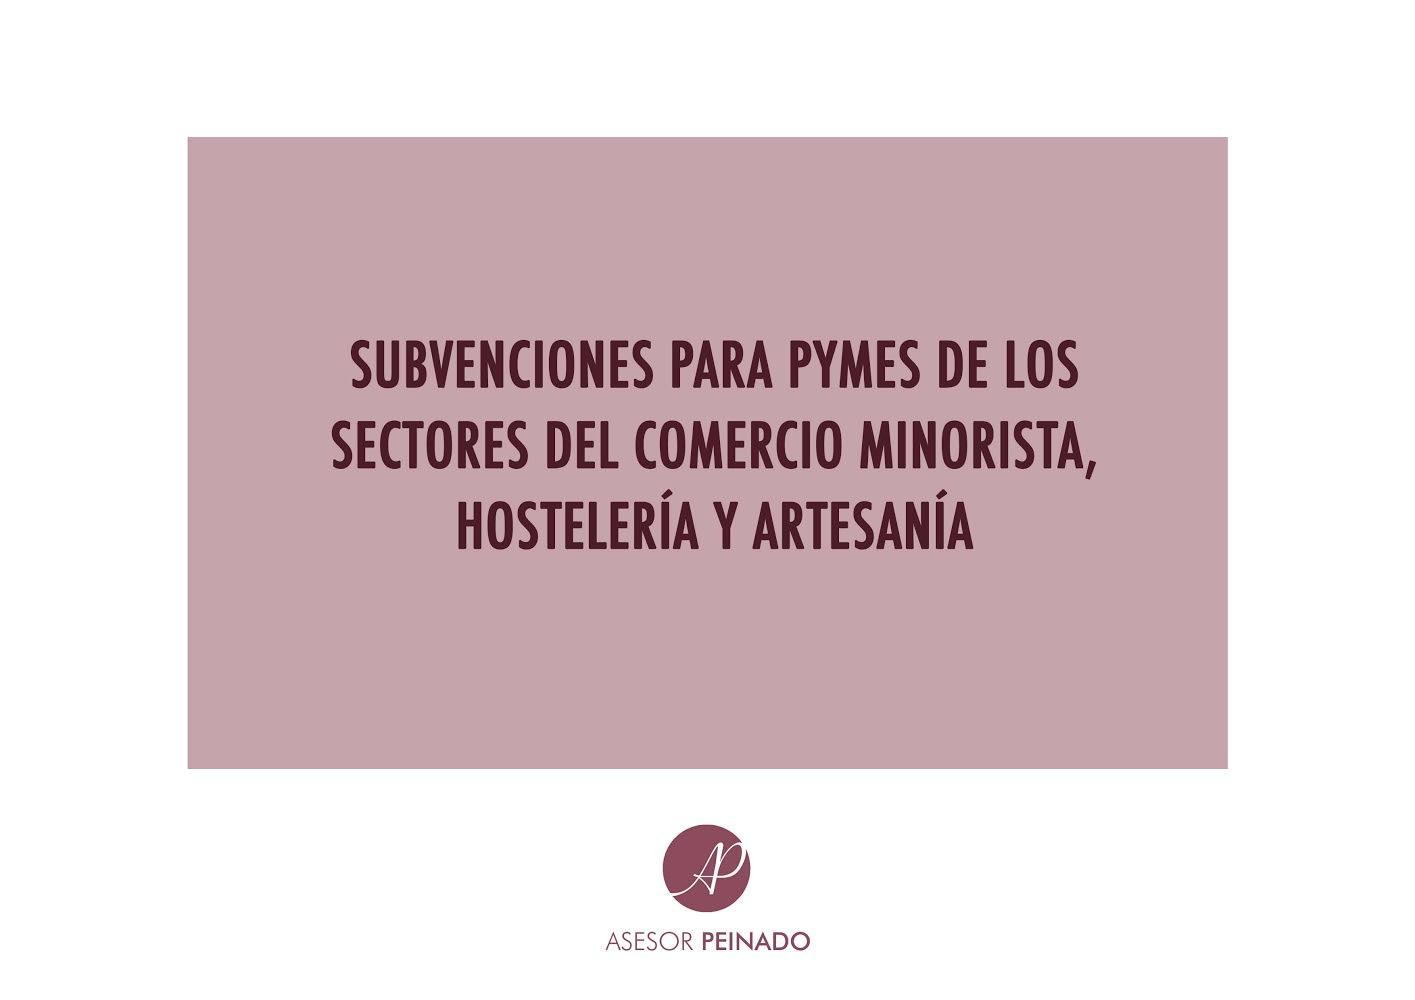 Subvenciones para pymes de los sectores comercio minorista, artesanía y hostelería